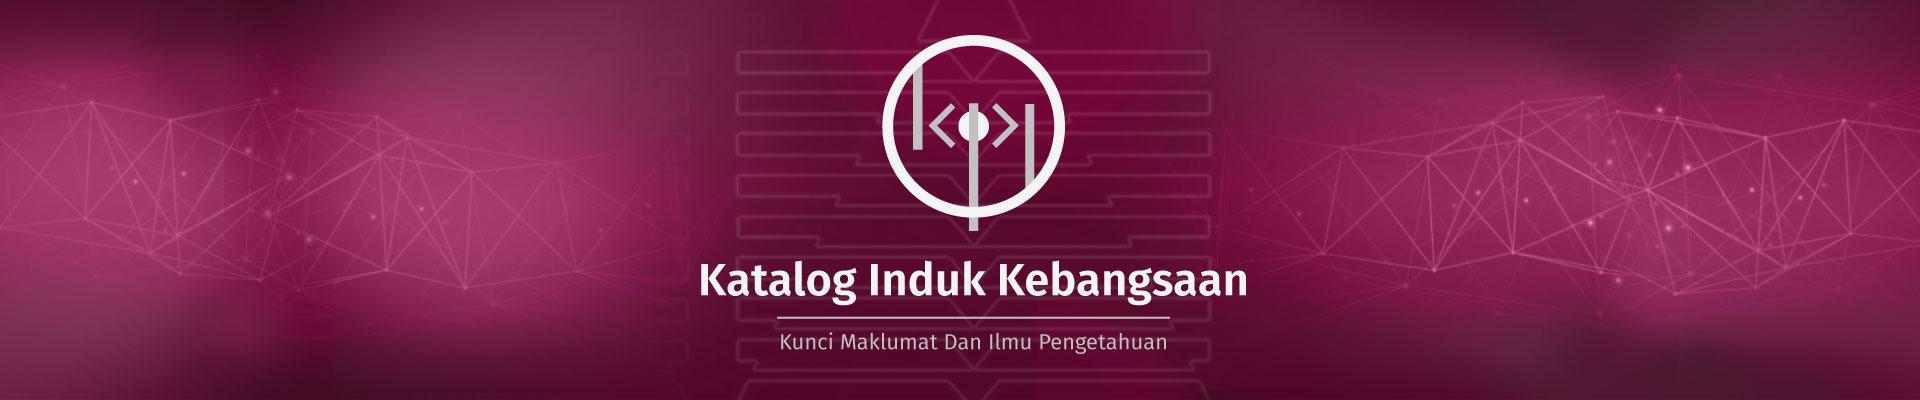 Katalog Induk Kebangsaan, Banner